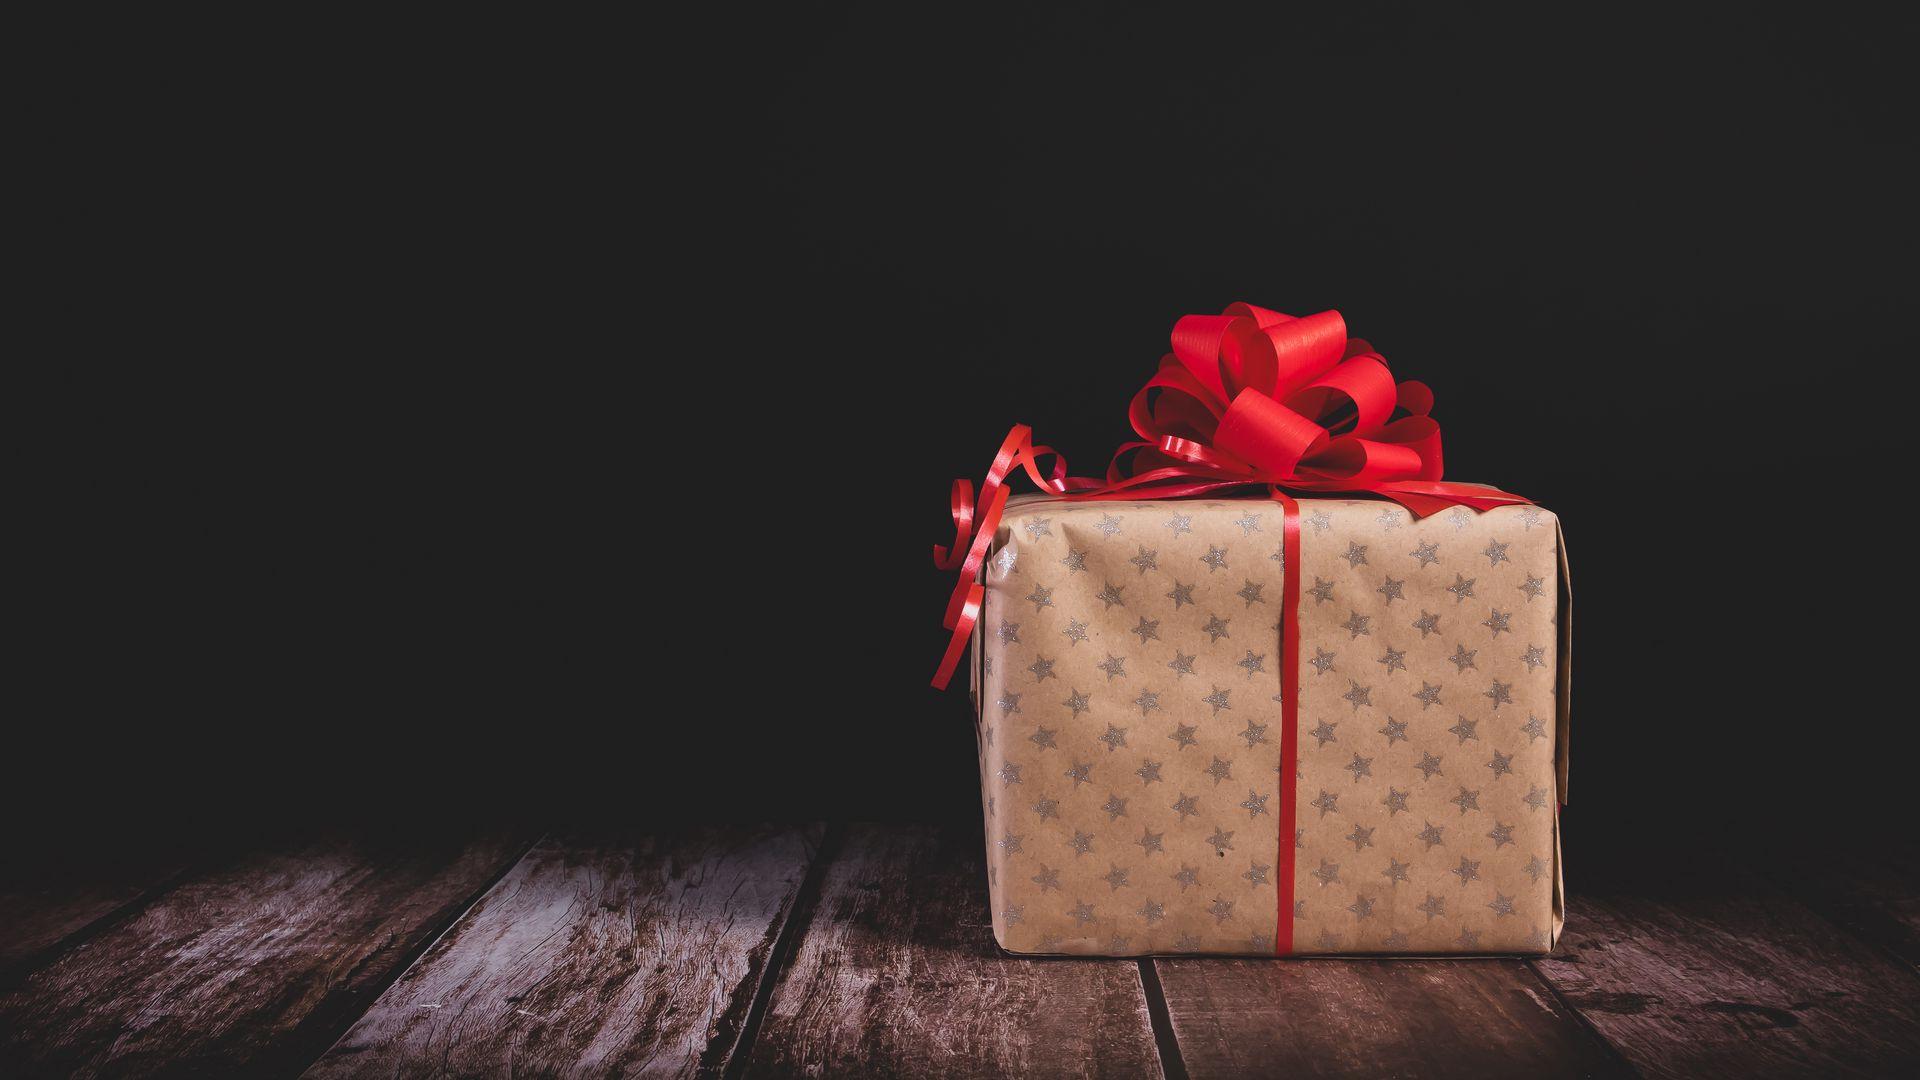 1920x1080 Wallpaper gift, box, bow, holiday